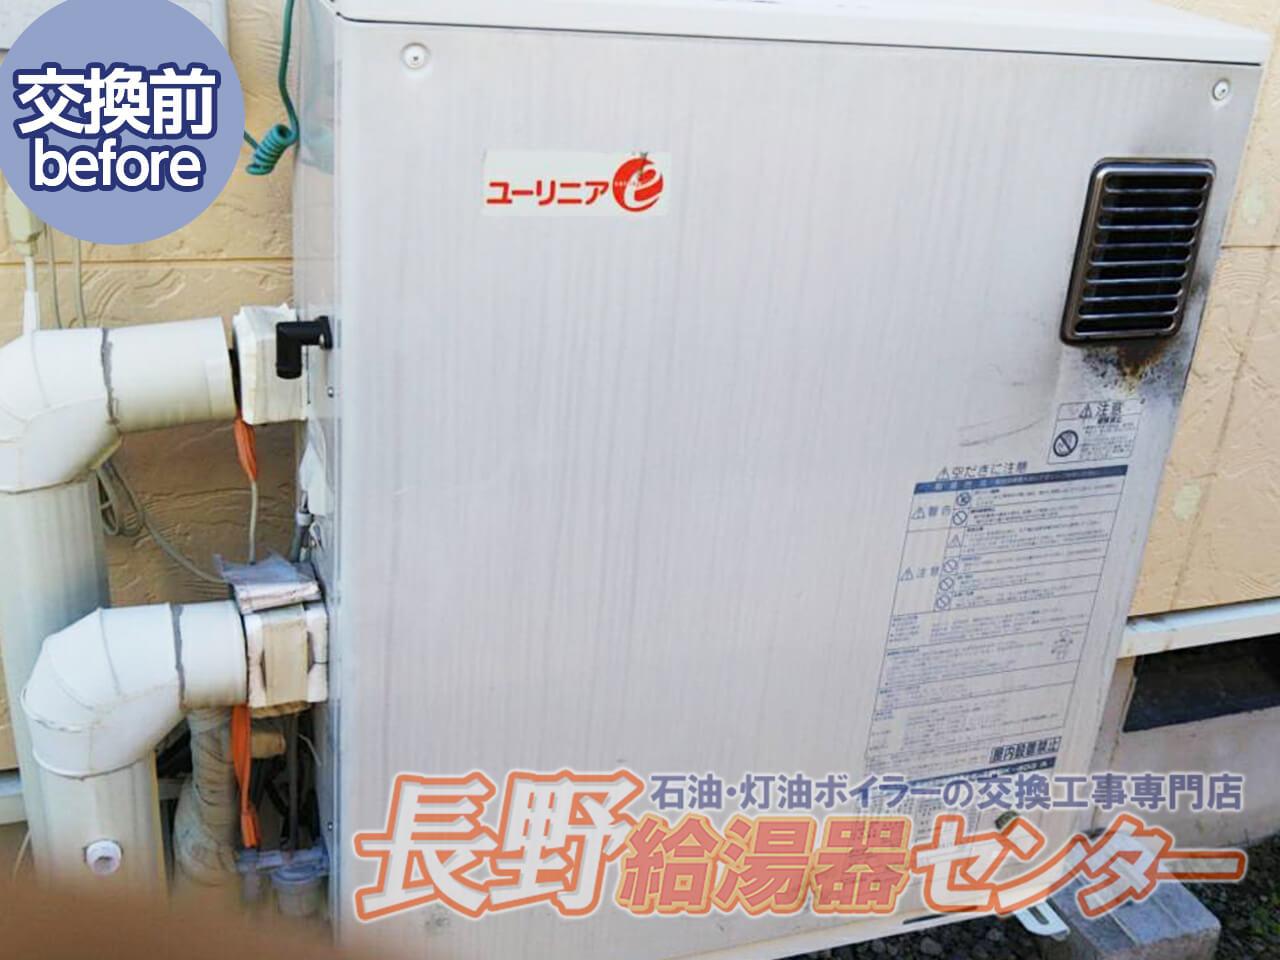 須坂市 ユーリニアからUKB-EF470FRX5へ交換工事